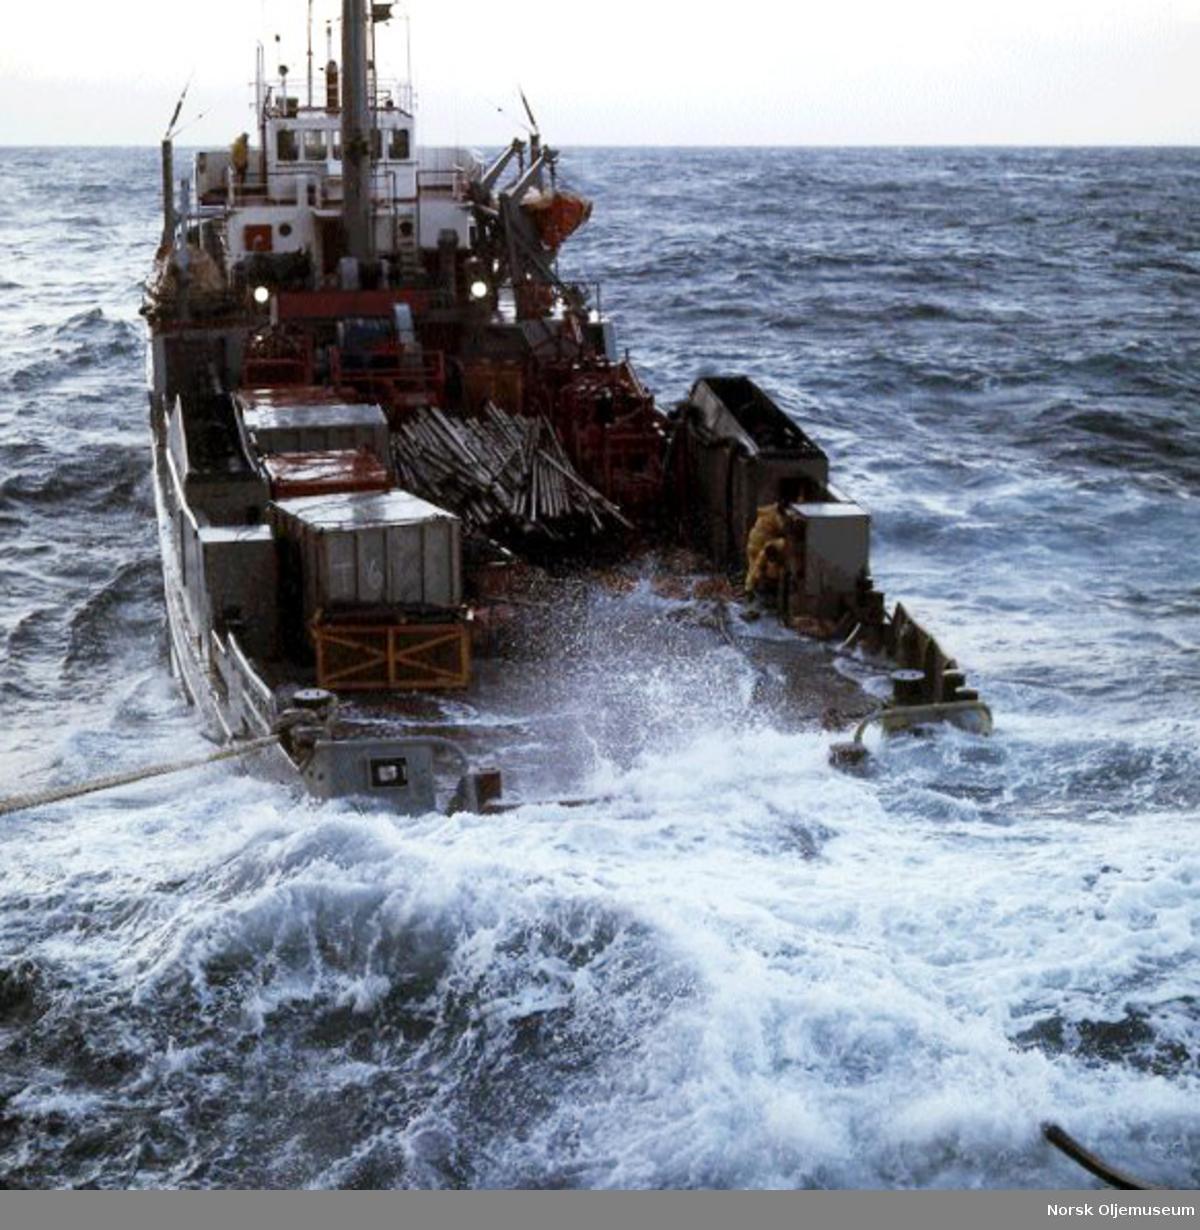 """Supplybåten """"Holstentor"""" i store bølger. Mannskapet jobber mens bølgene slår over dekk."""